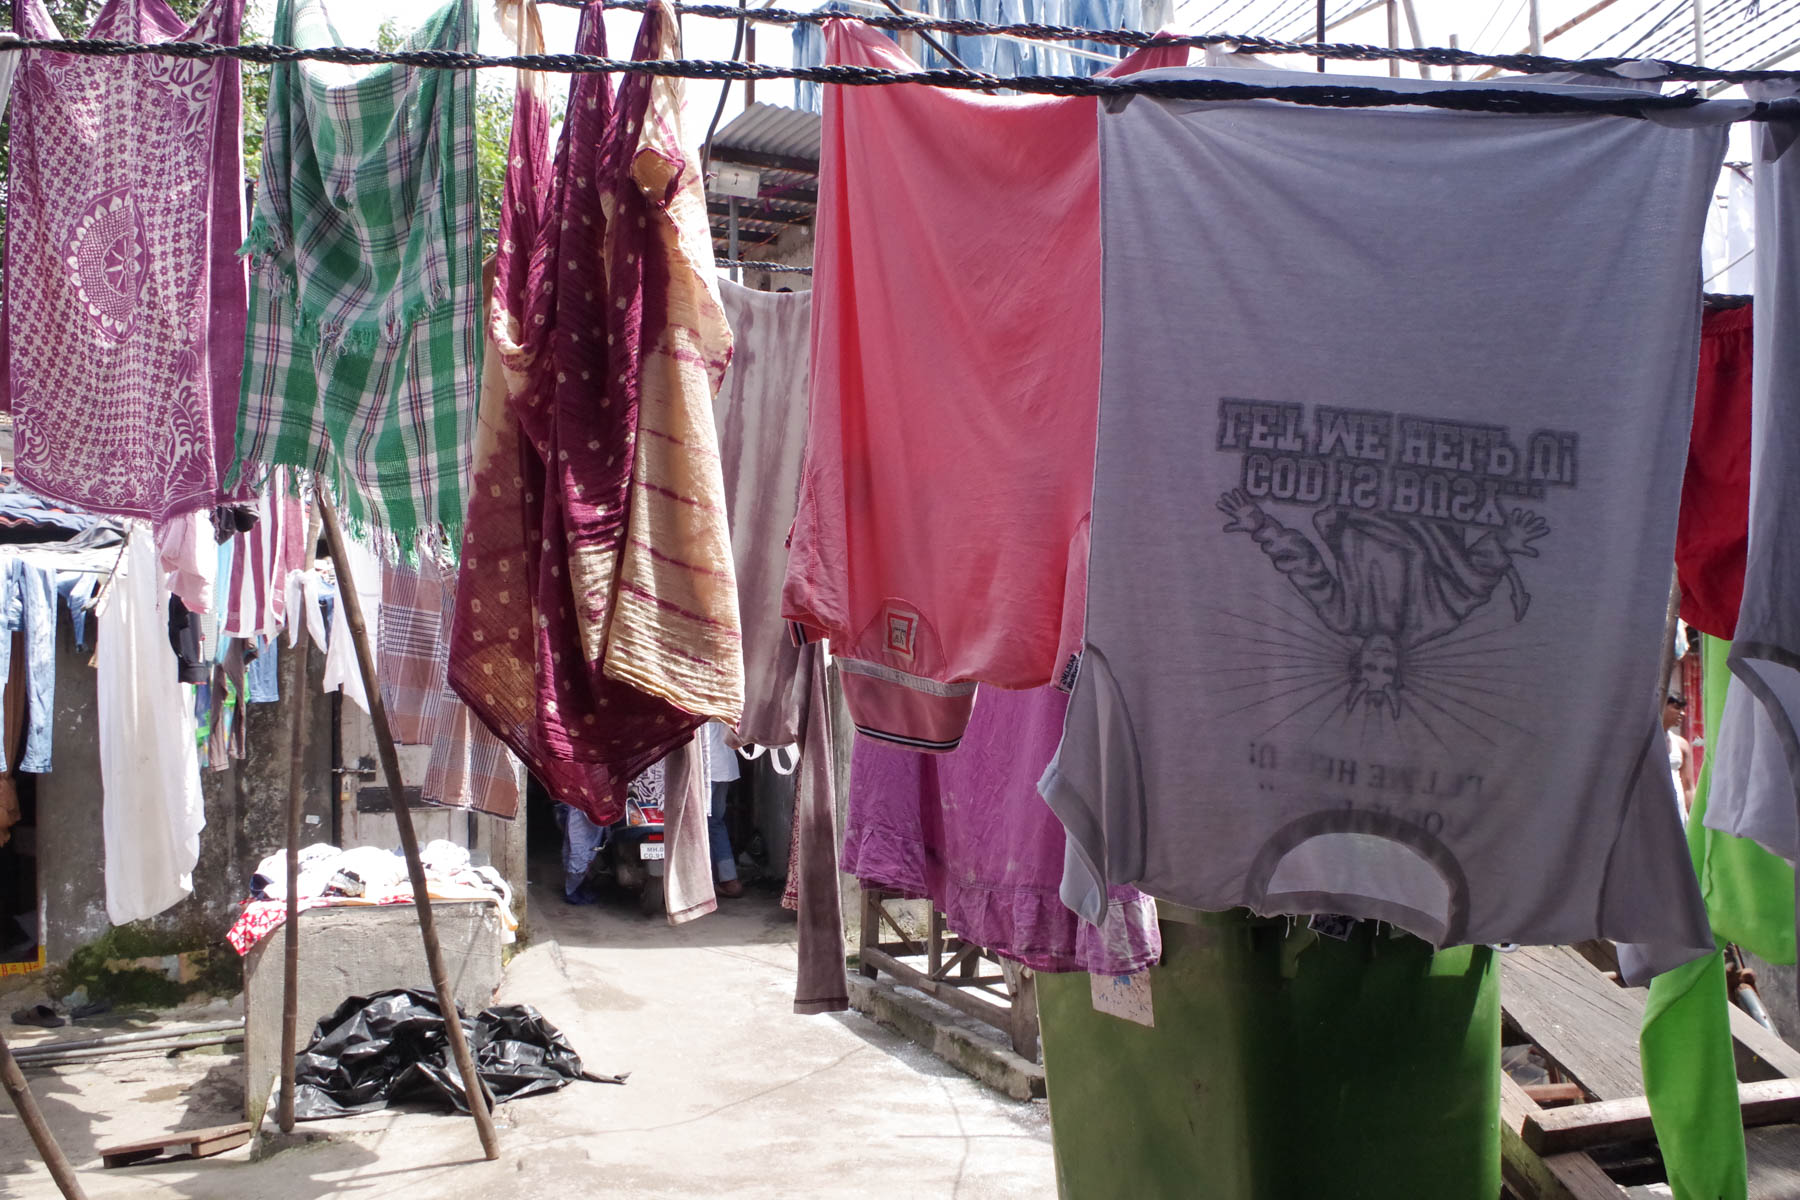 ムンバイ 巨大洗濯工場 ドービーガート どんな人の洗濯物かな?